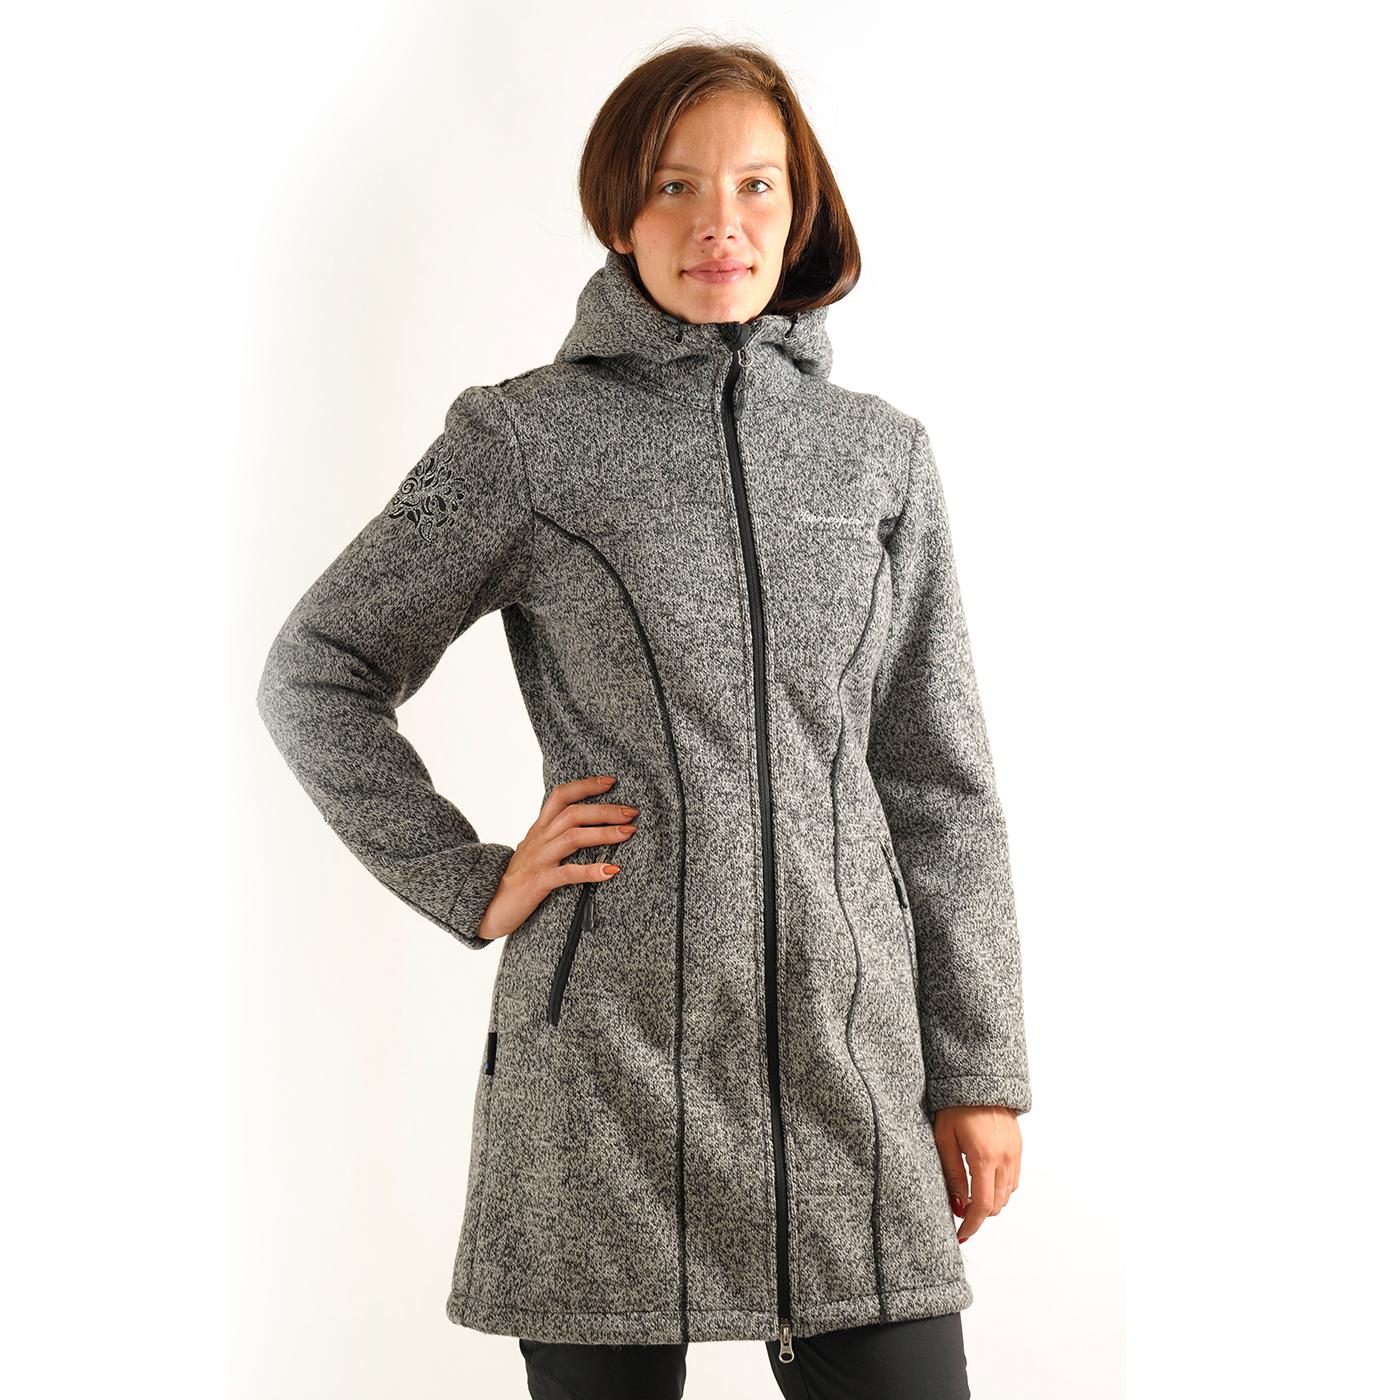 Benesport dámska bunda Pipitka - čierna, veľkosť XL